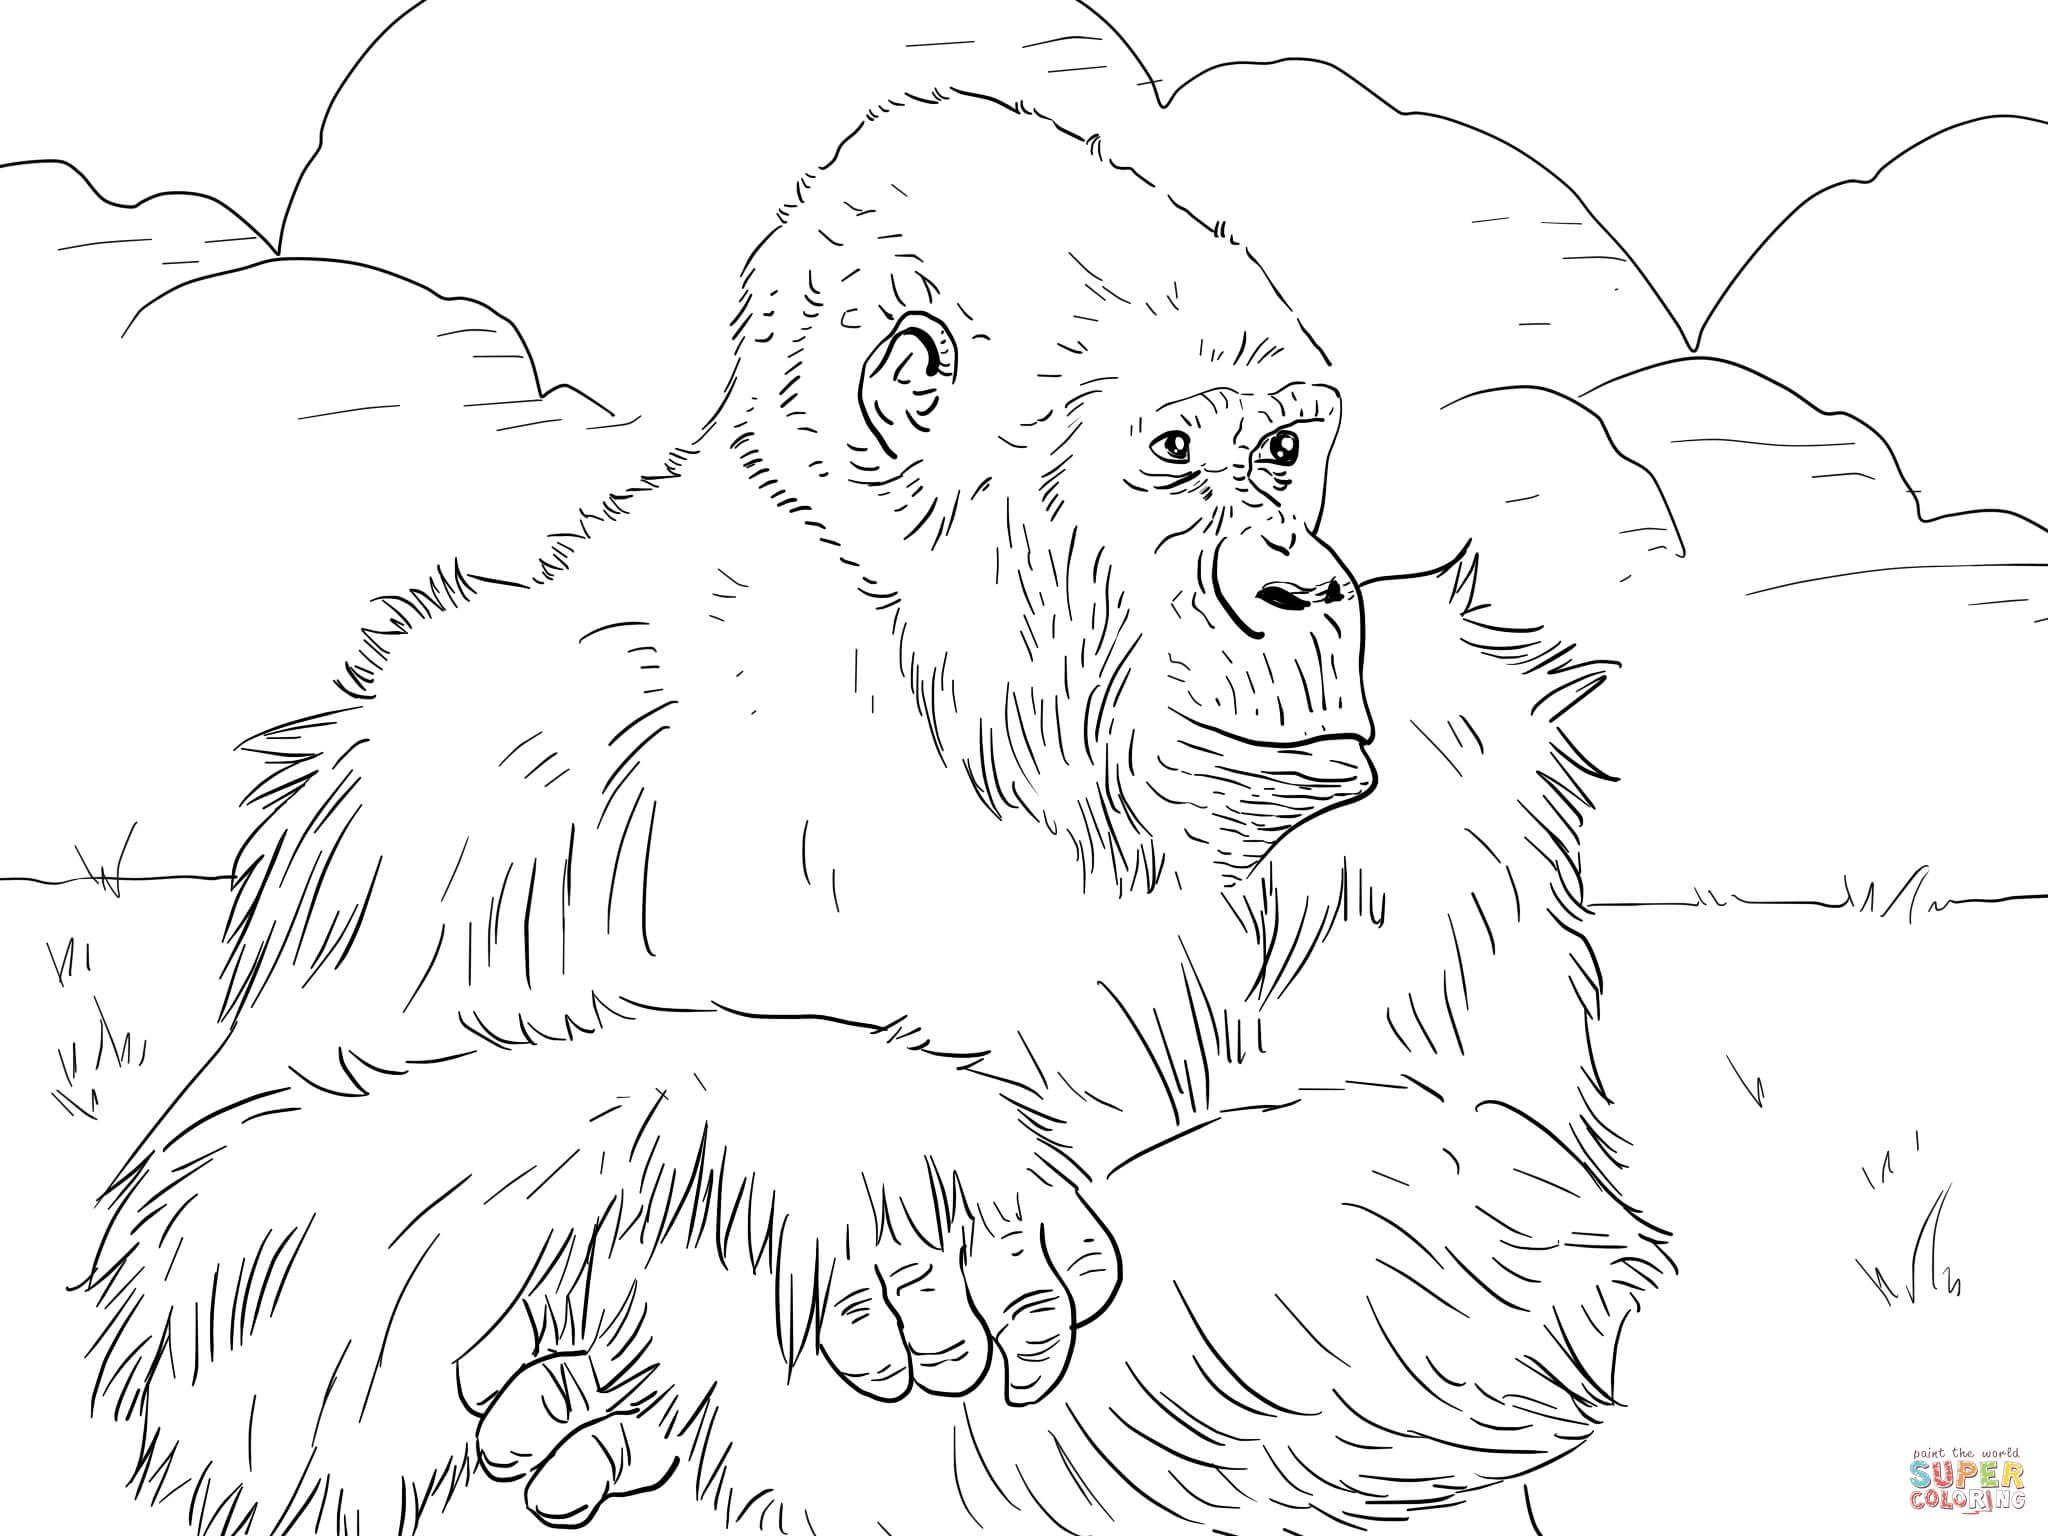 Coloriage - Gorille Des Montagnes | Coloriages À Imprimer encequiconcerne Coloriage Gorille